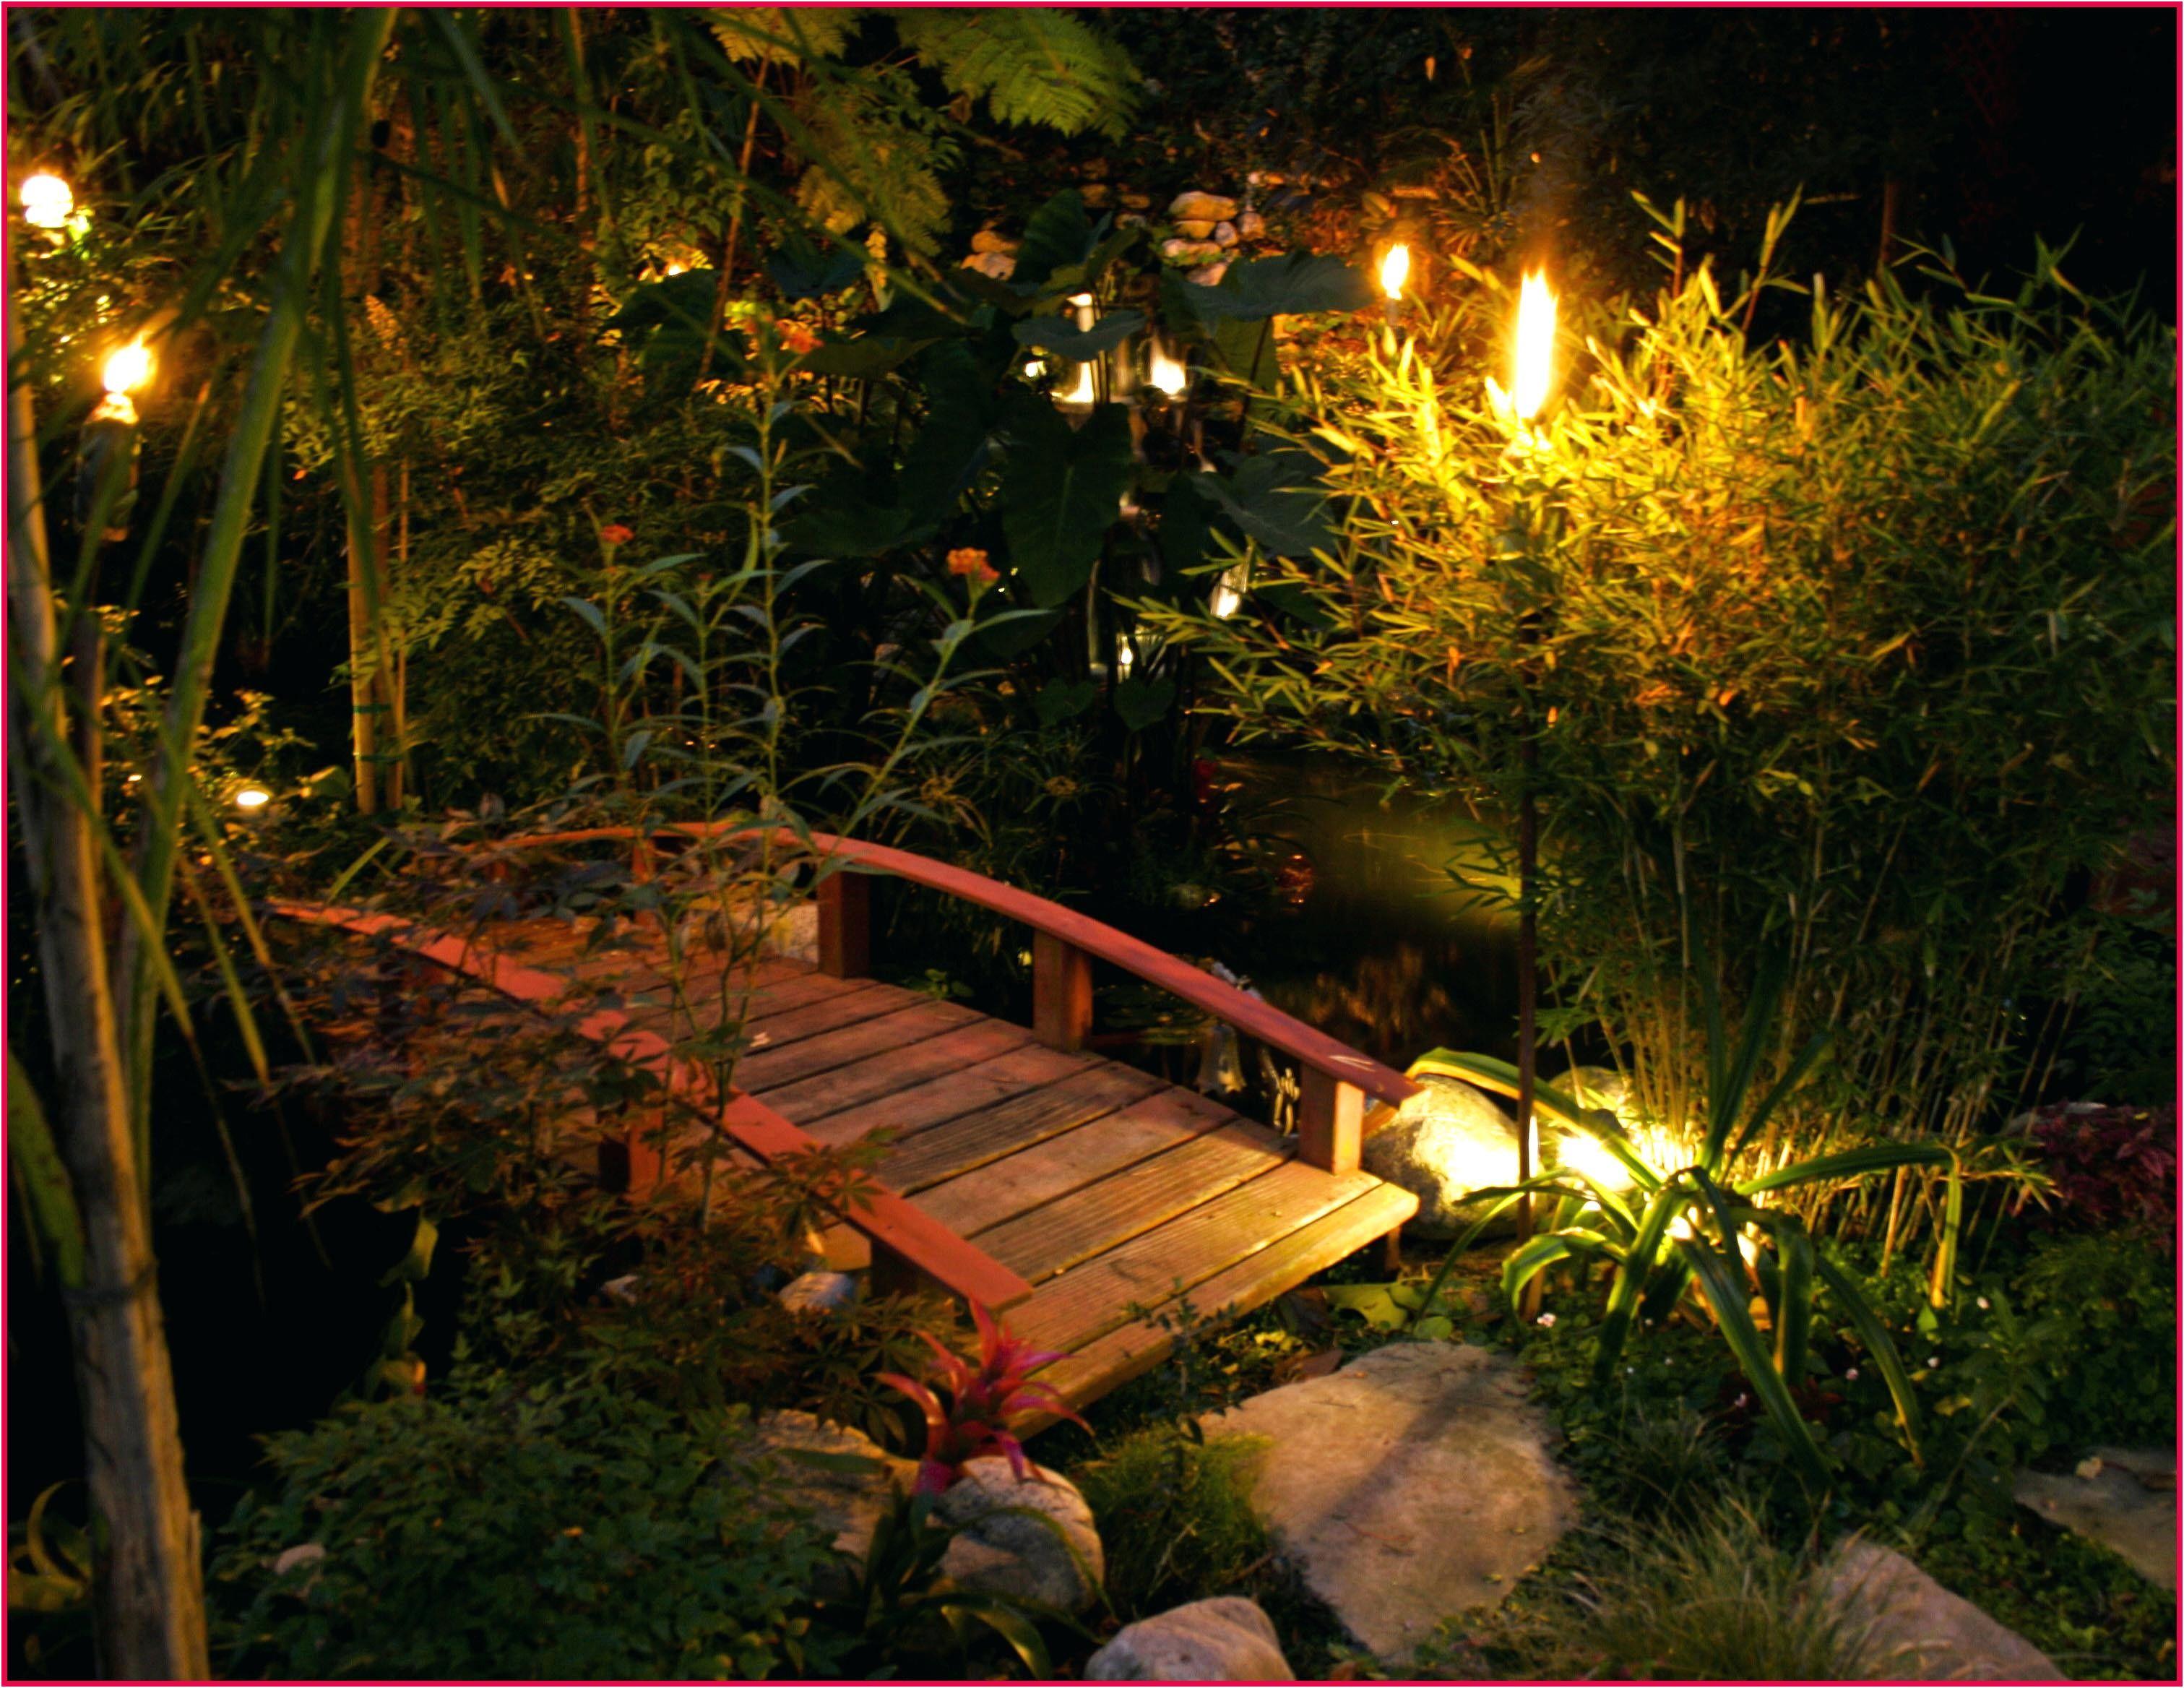 20 Harmonieux Led Jardin Pictures Eclairage De Jardin Eclairage Terrasse Eclairage Exterieur